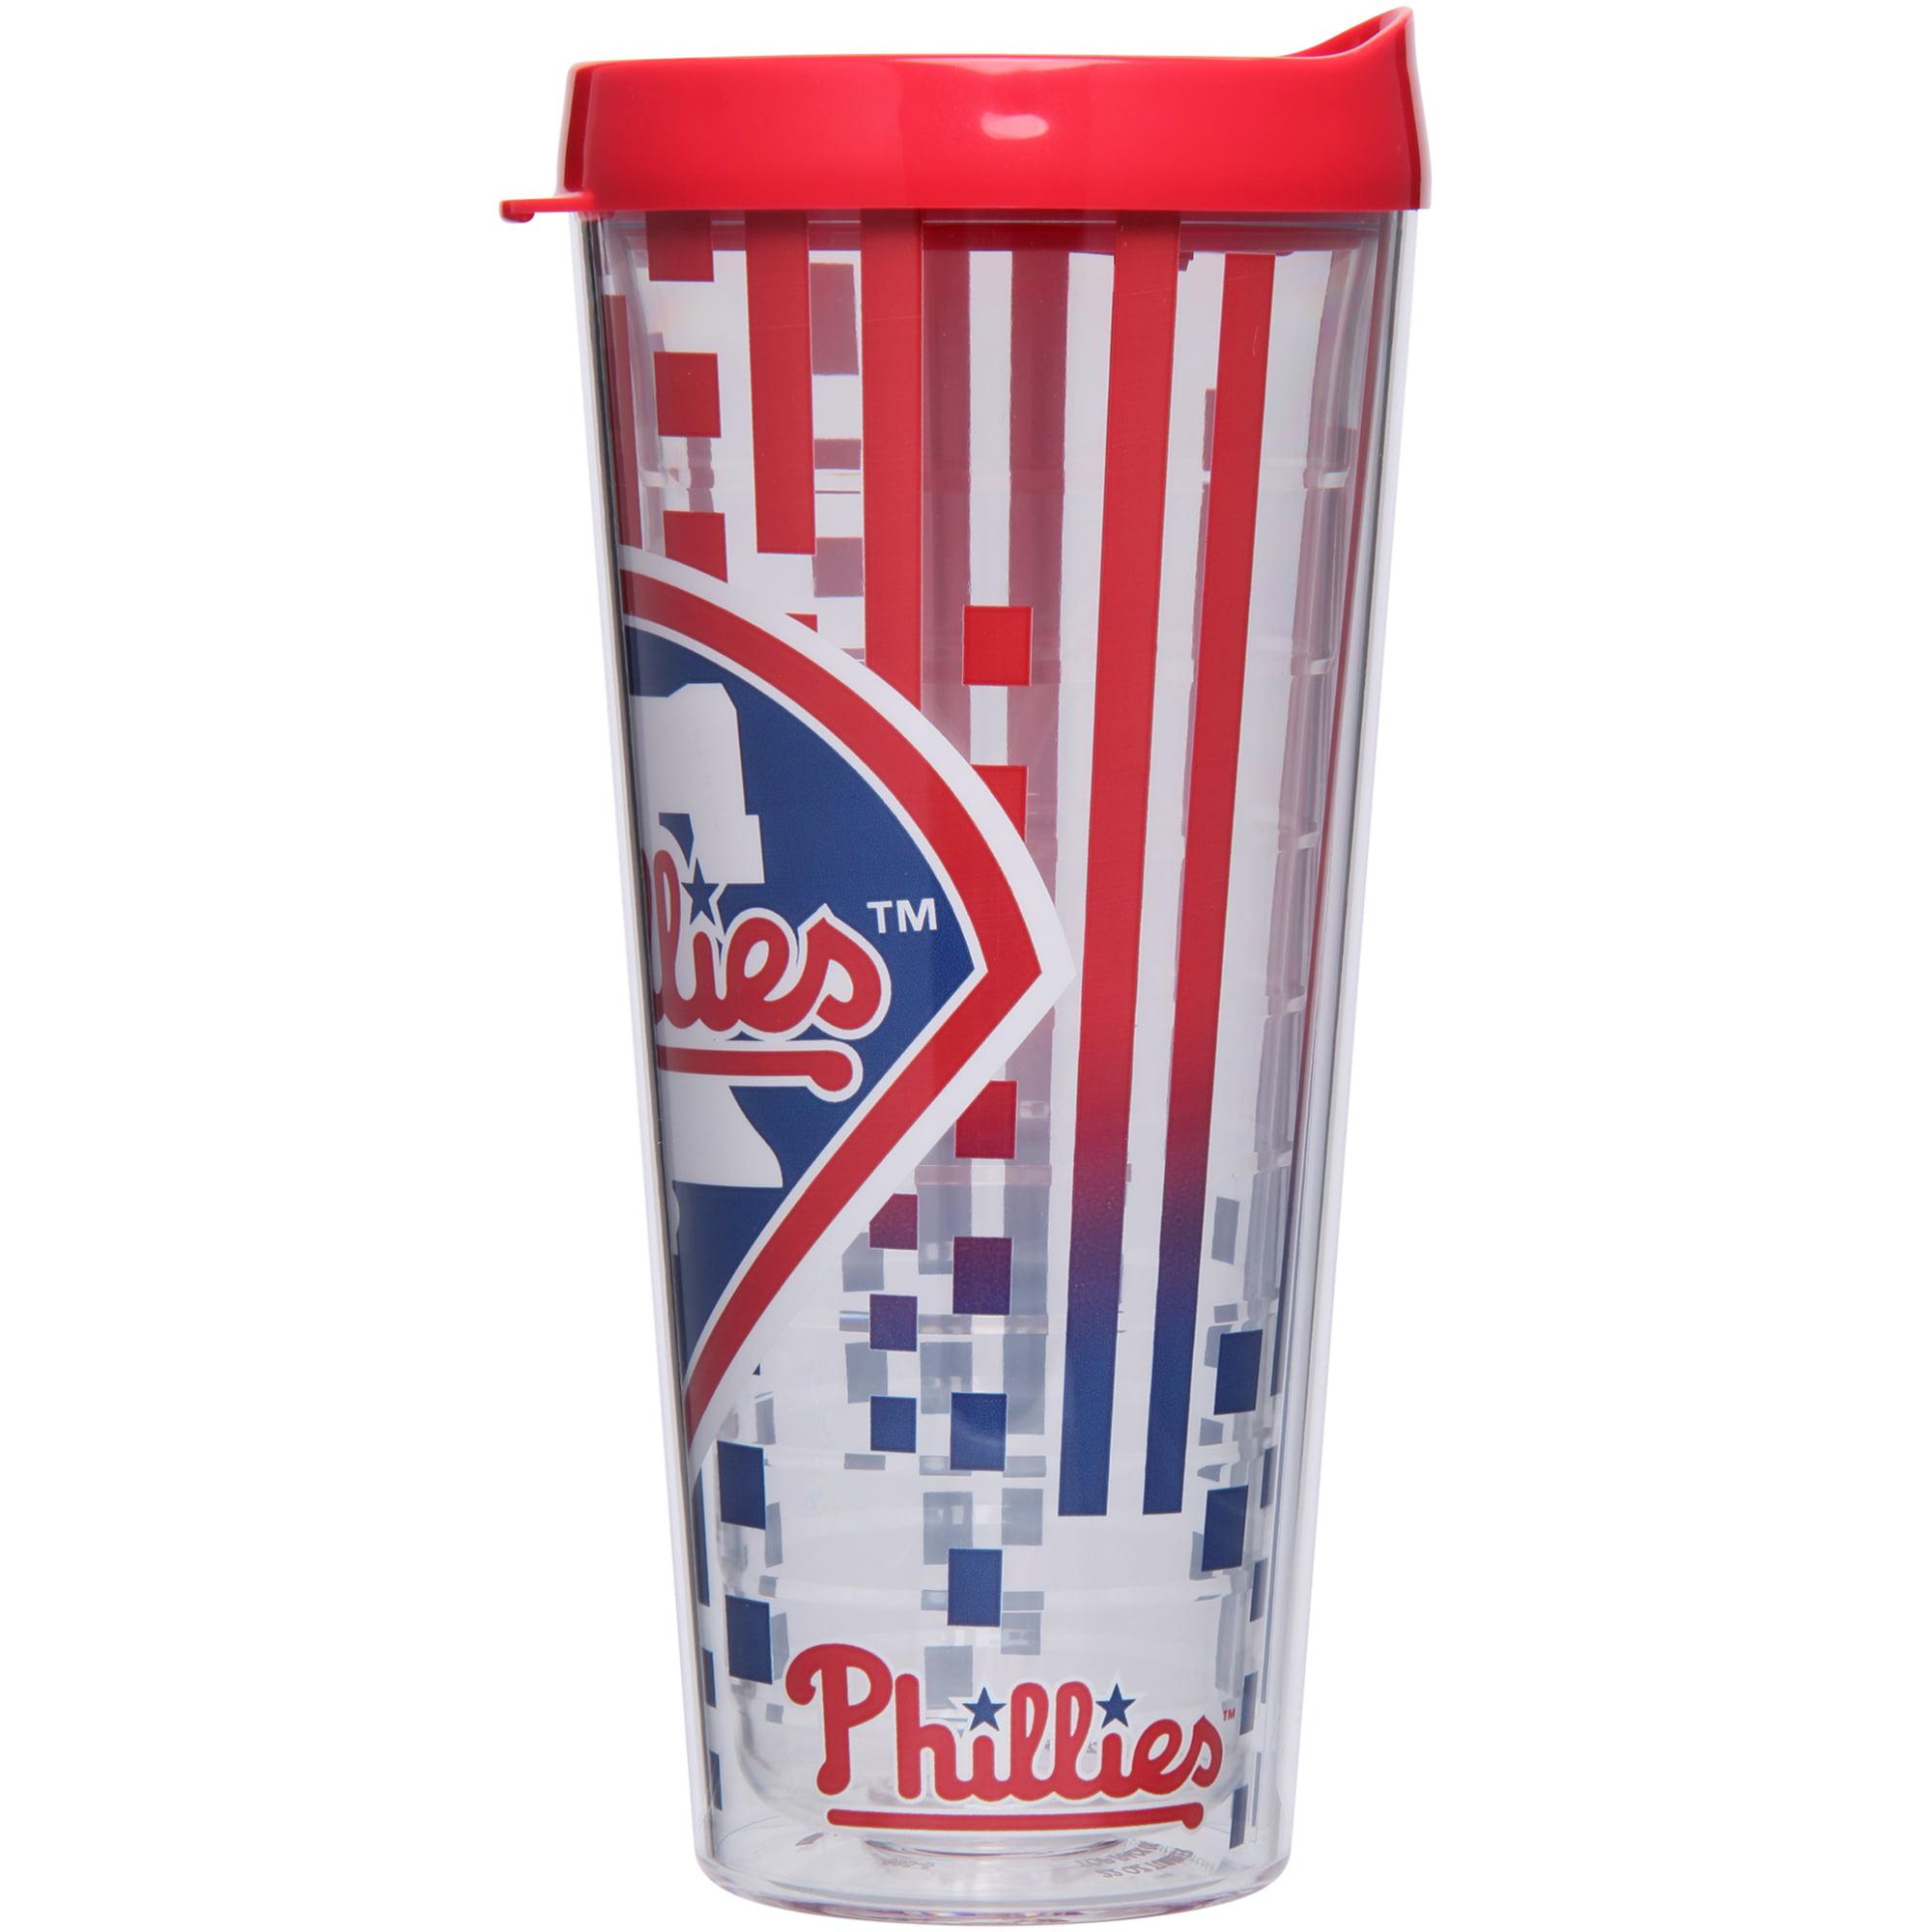 Philadelphia Phillies 22oz. Tritan Tumbler - No Size